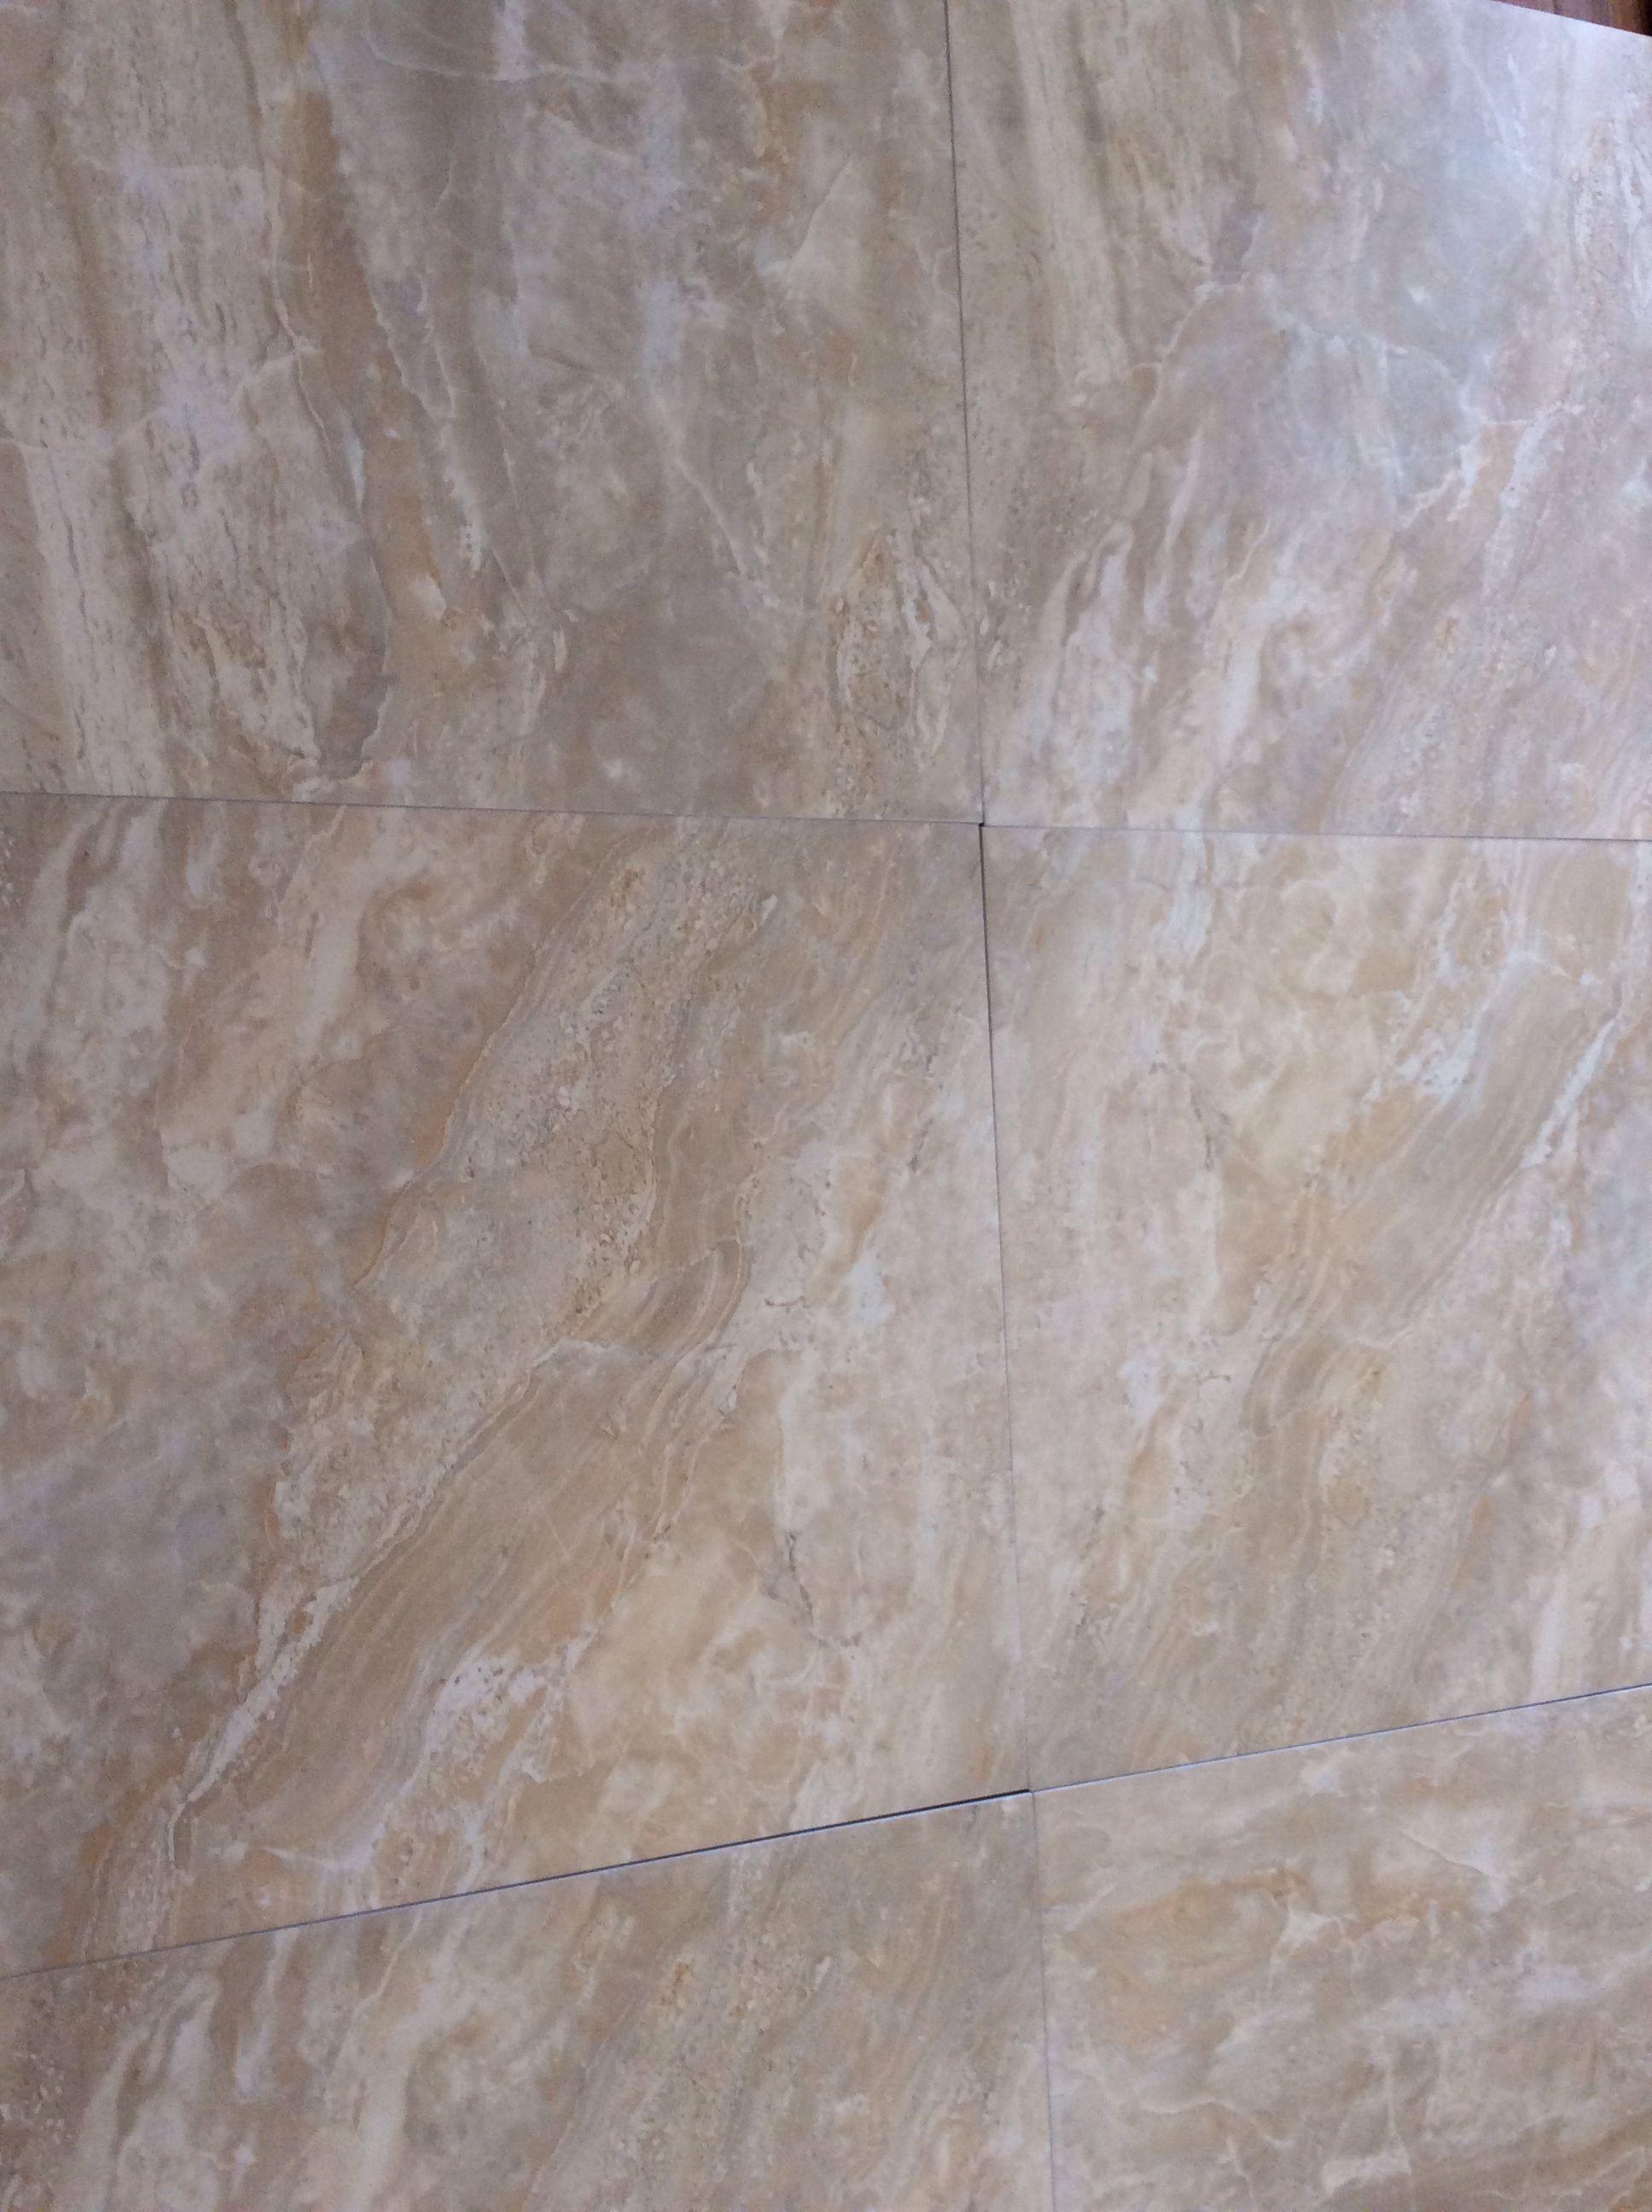 Home depot stores premium porcelain tile 18x18 onyx sand